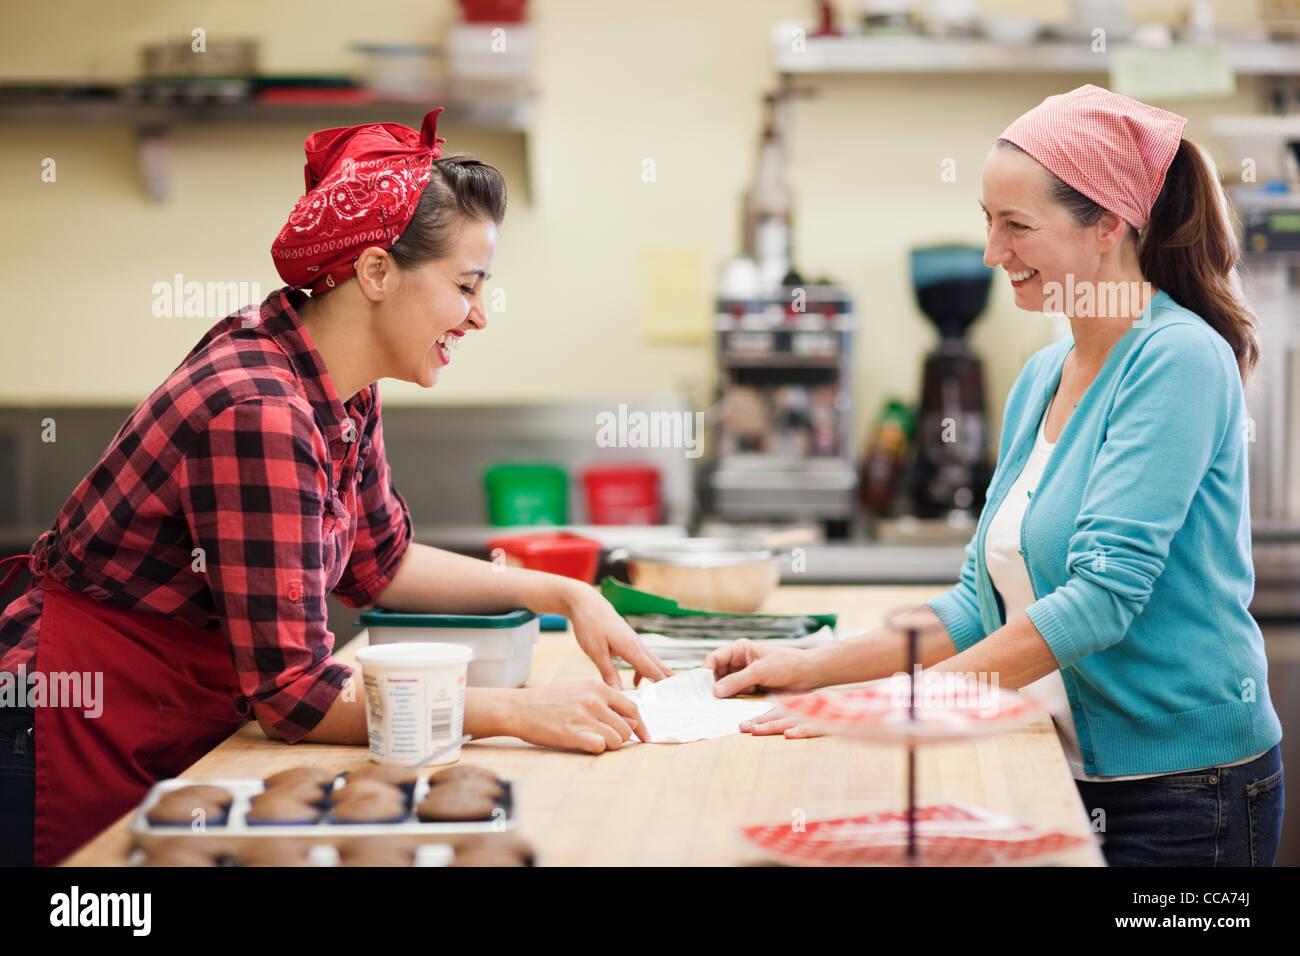 Las mujeres trabajan juntos en la cocina comercial Imagen De Stock